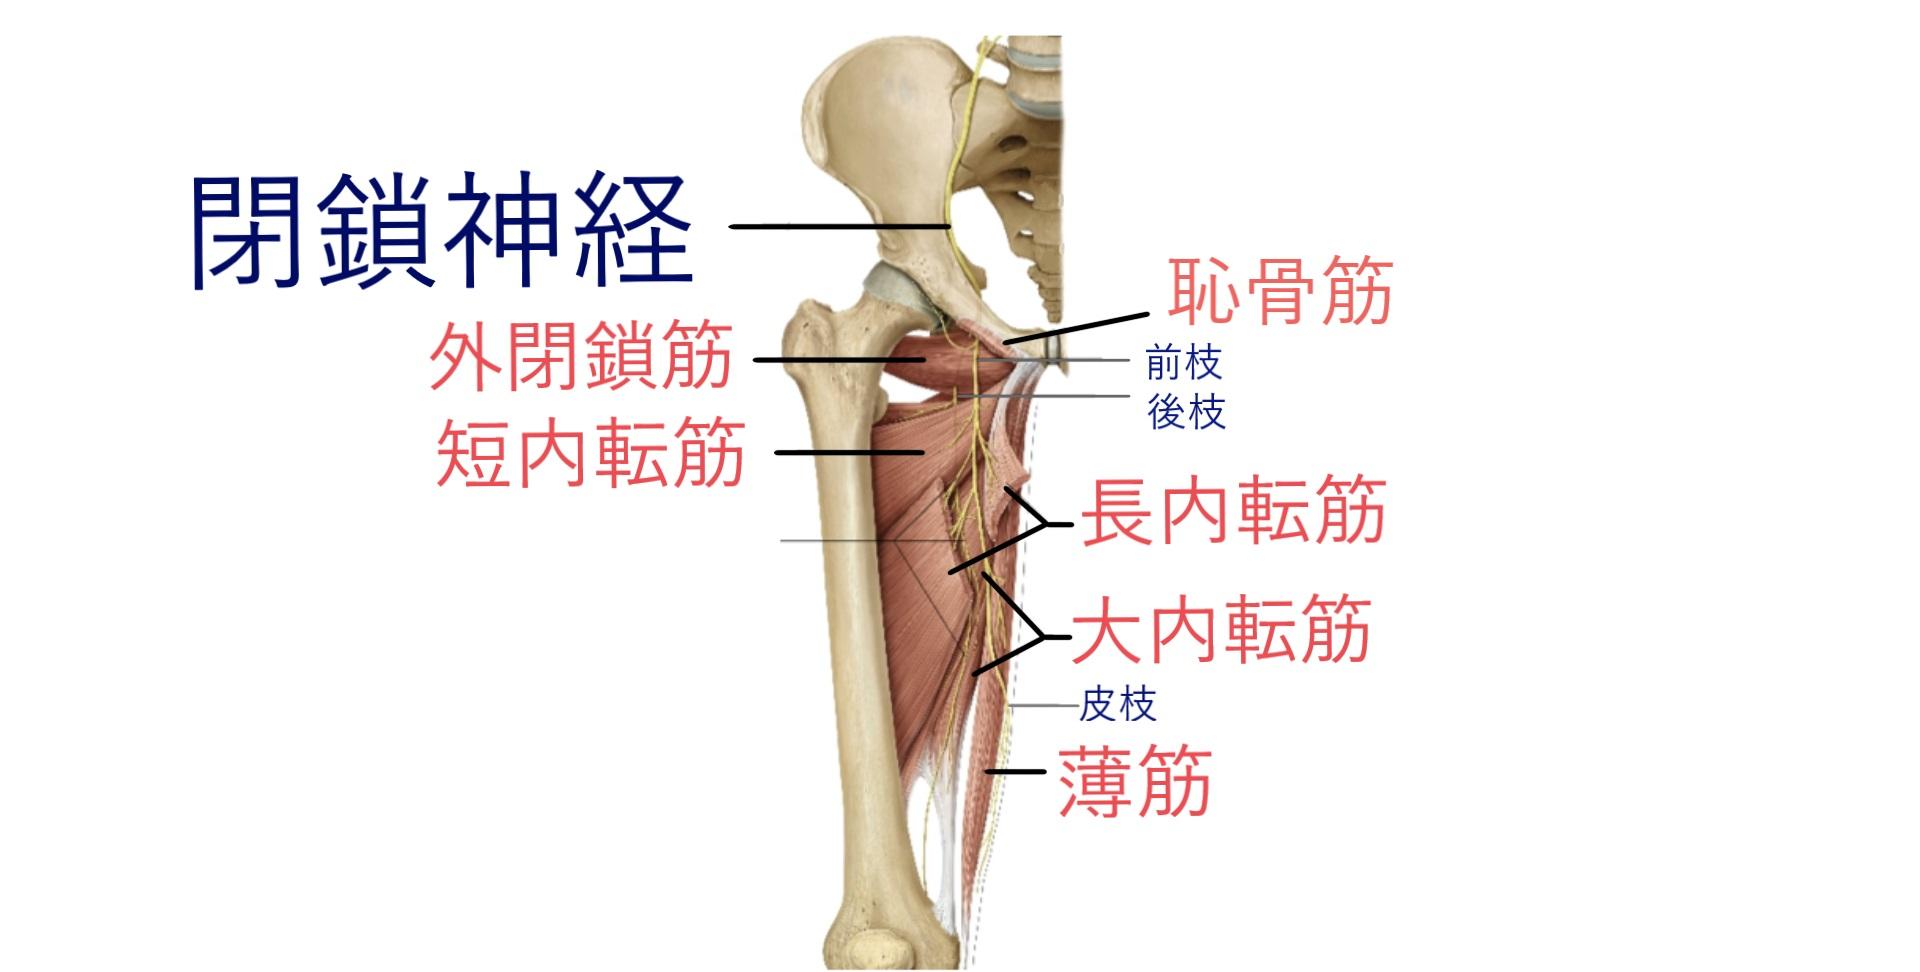 obturator_nerve_muscle_sensory